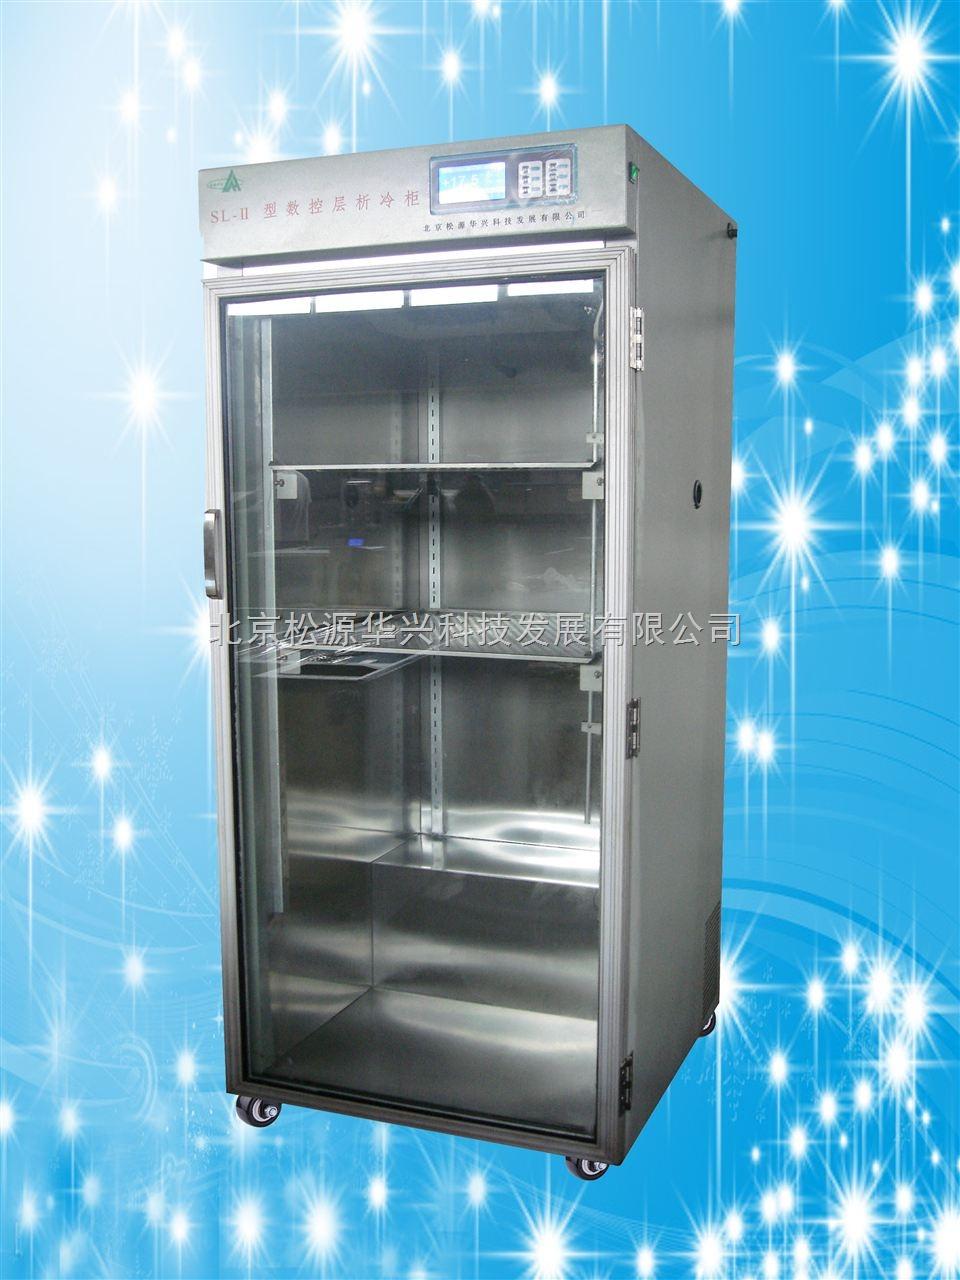 层析冷柜/松源华兴SL-II数控层析冷柜